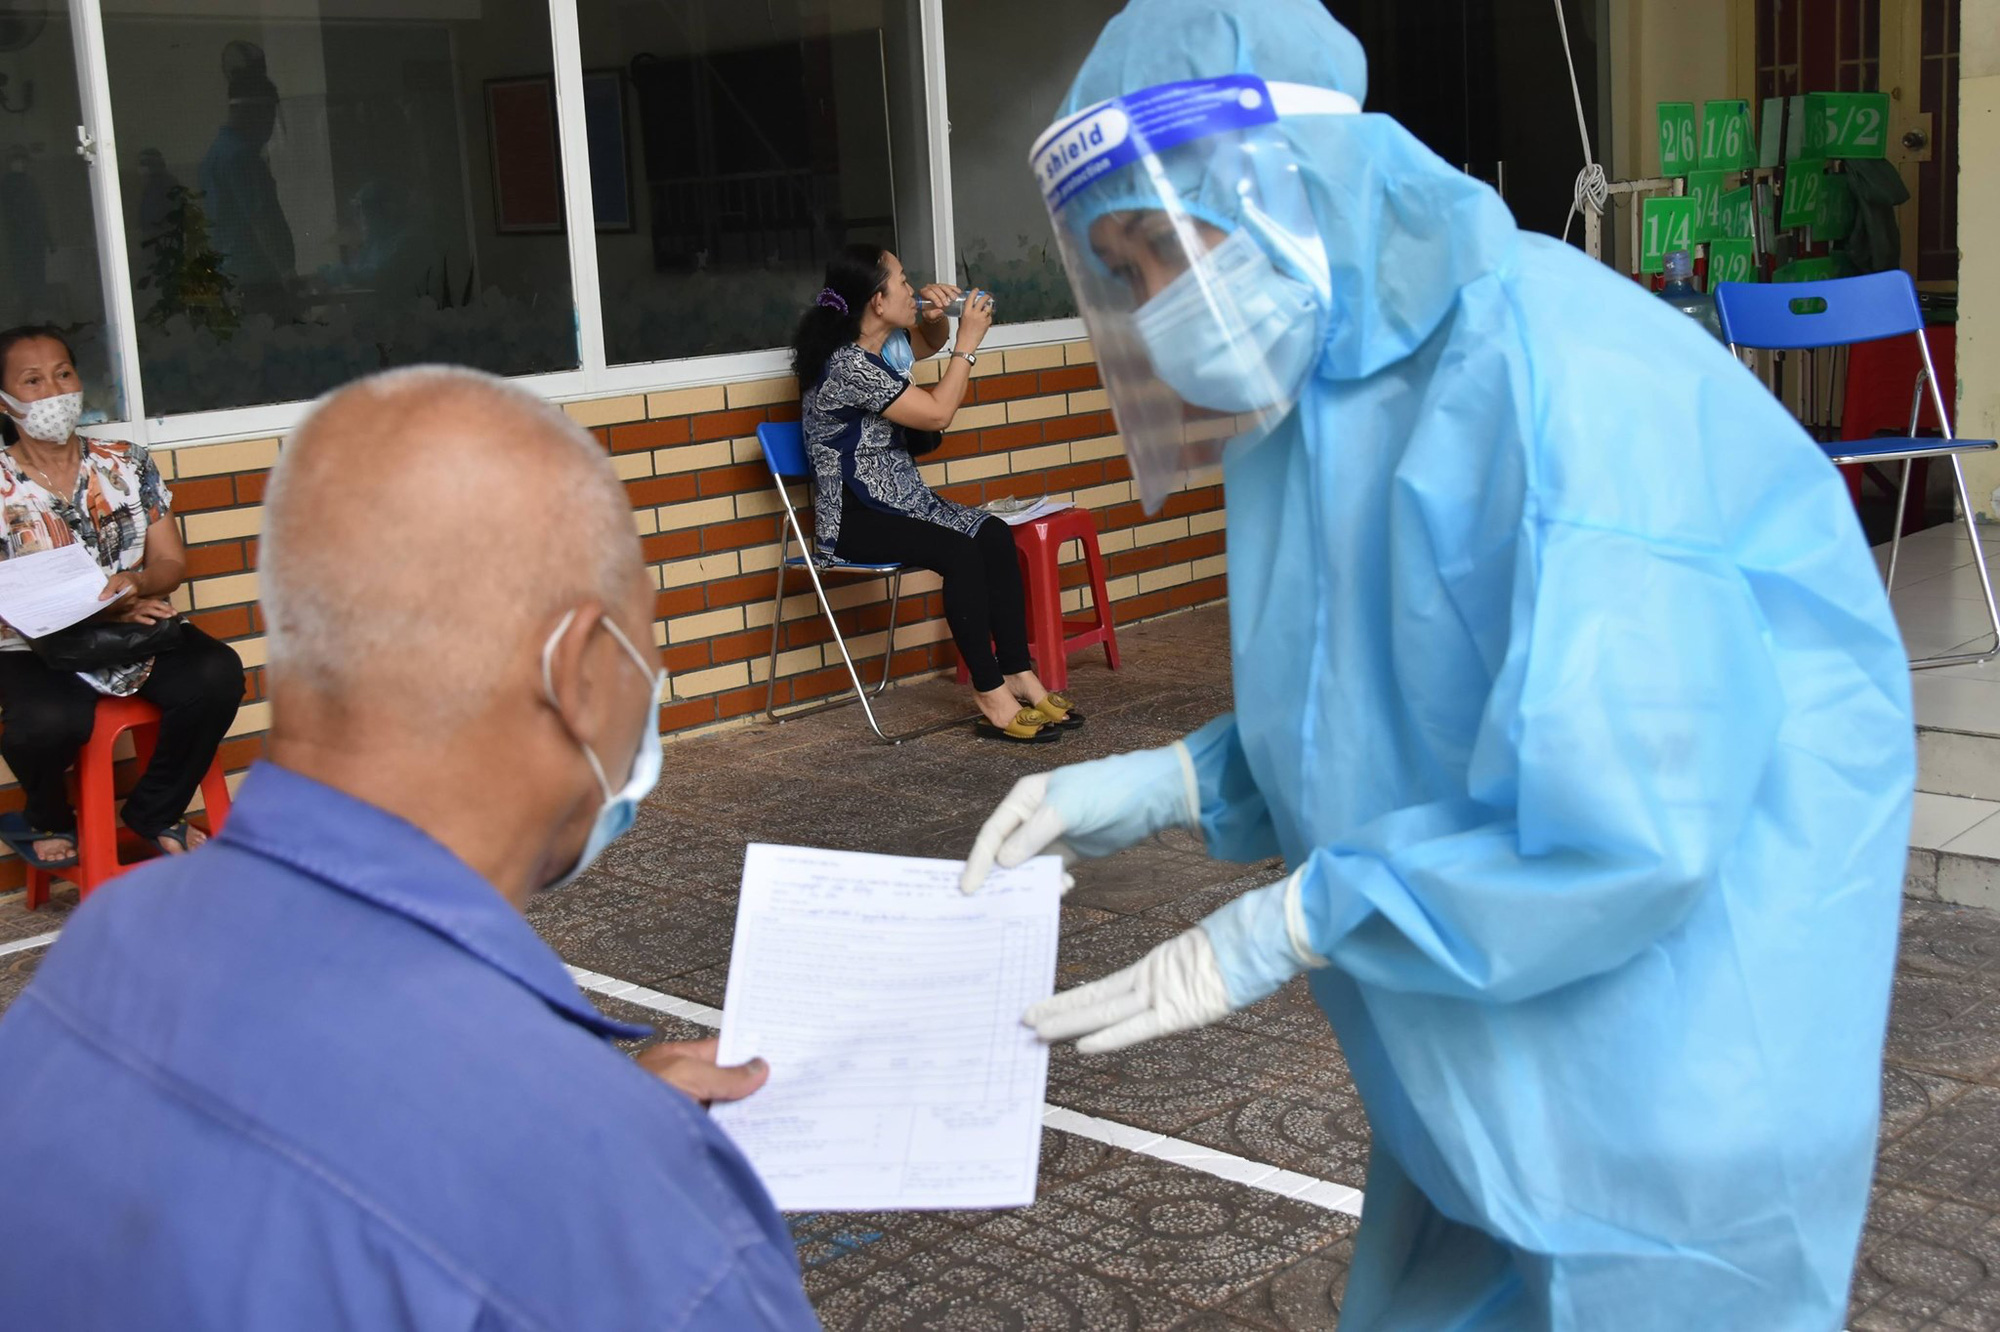 Đã có gần 300.000 người tại TP.HCM được tiêm vắc xin phòng COVID-19 trong đợt 5 - Ảnh 1.